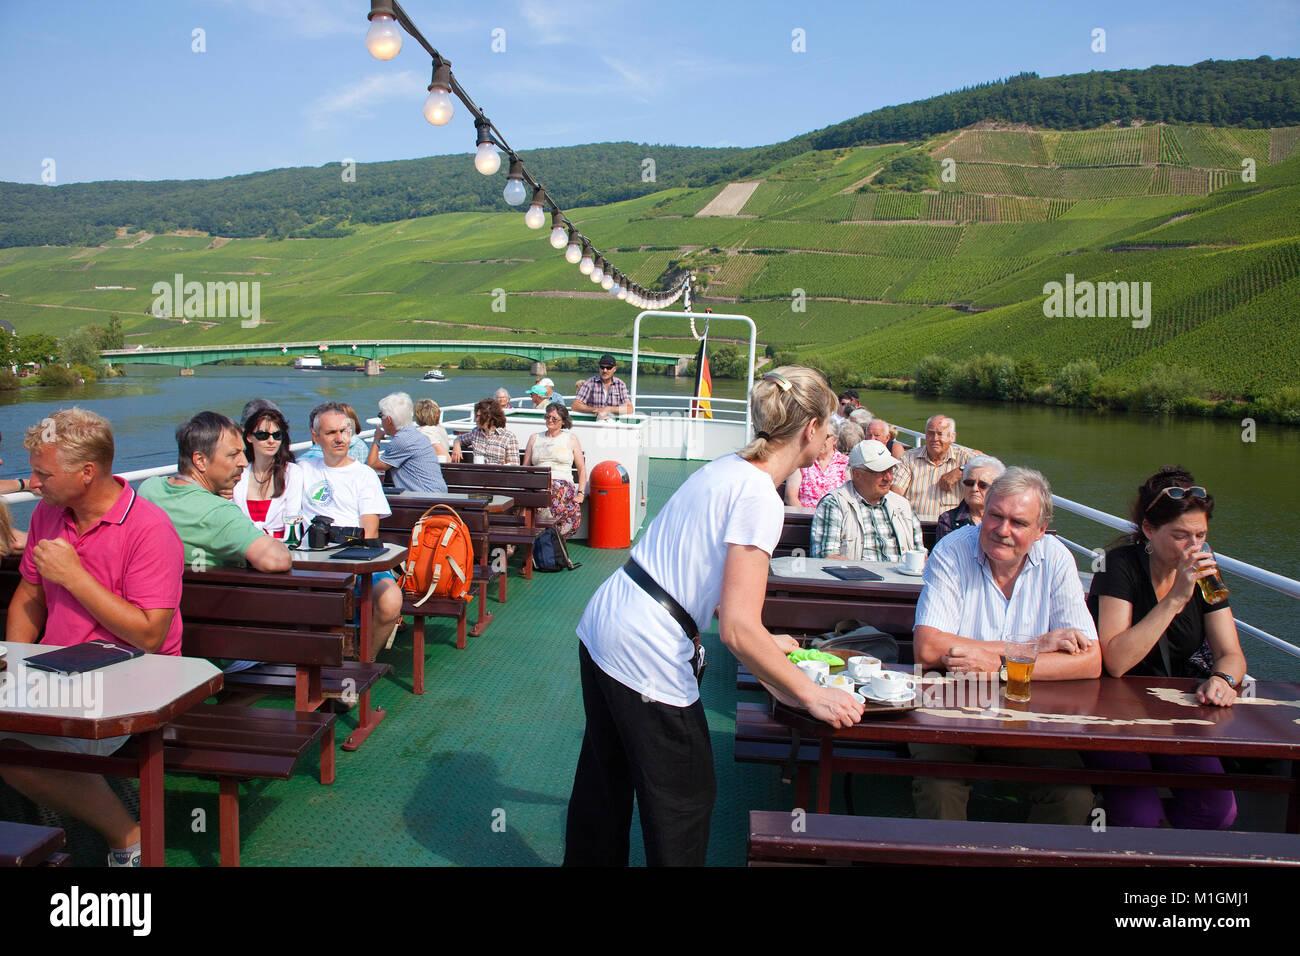 Los turistas disfrutan de un viaje en barco por el río Mosela, Piesport, río Mosela, Renania-Palatinado, Imagen De Stock